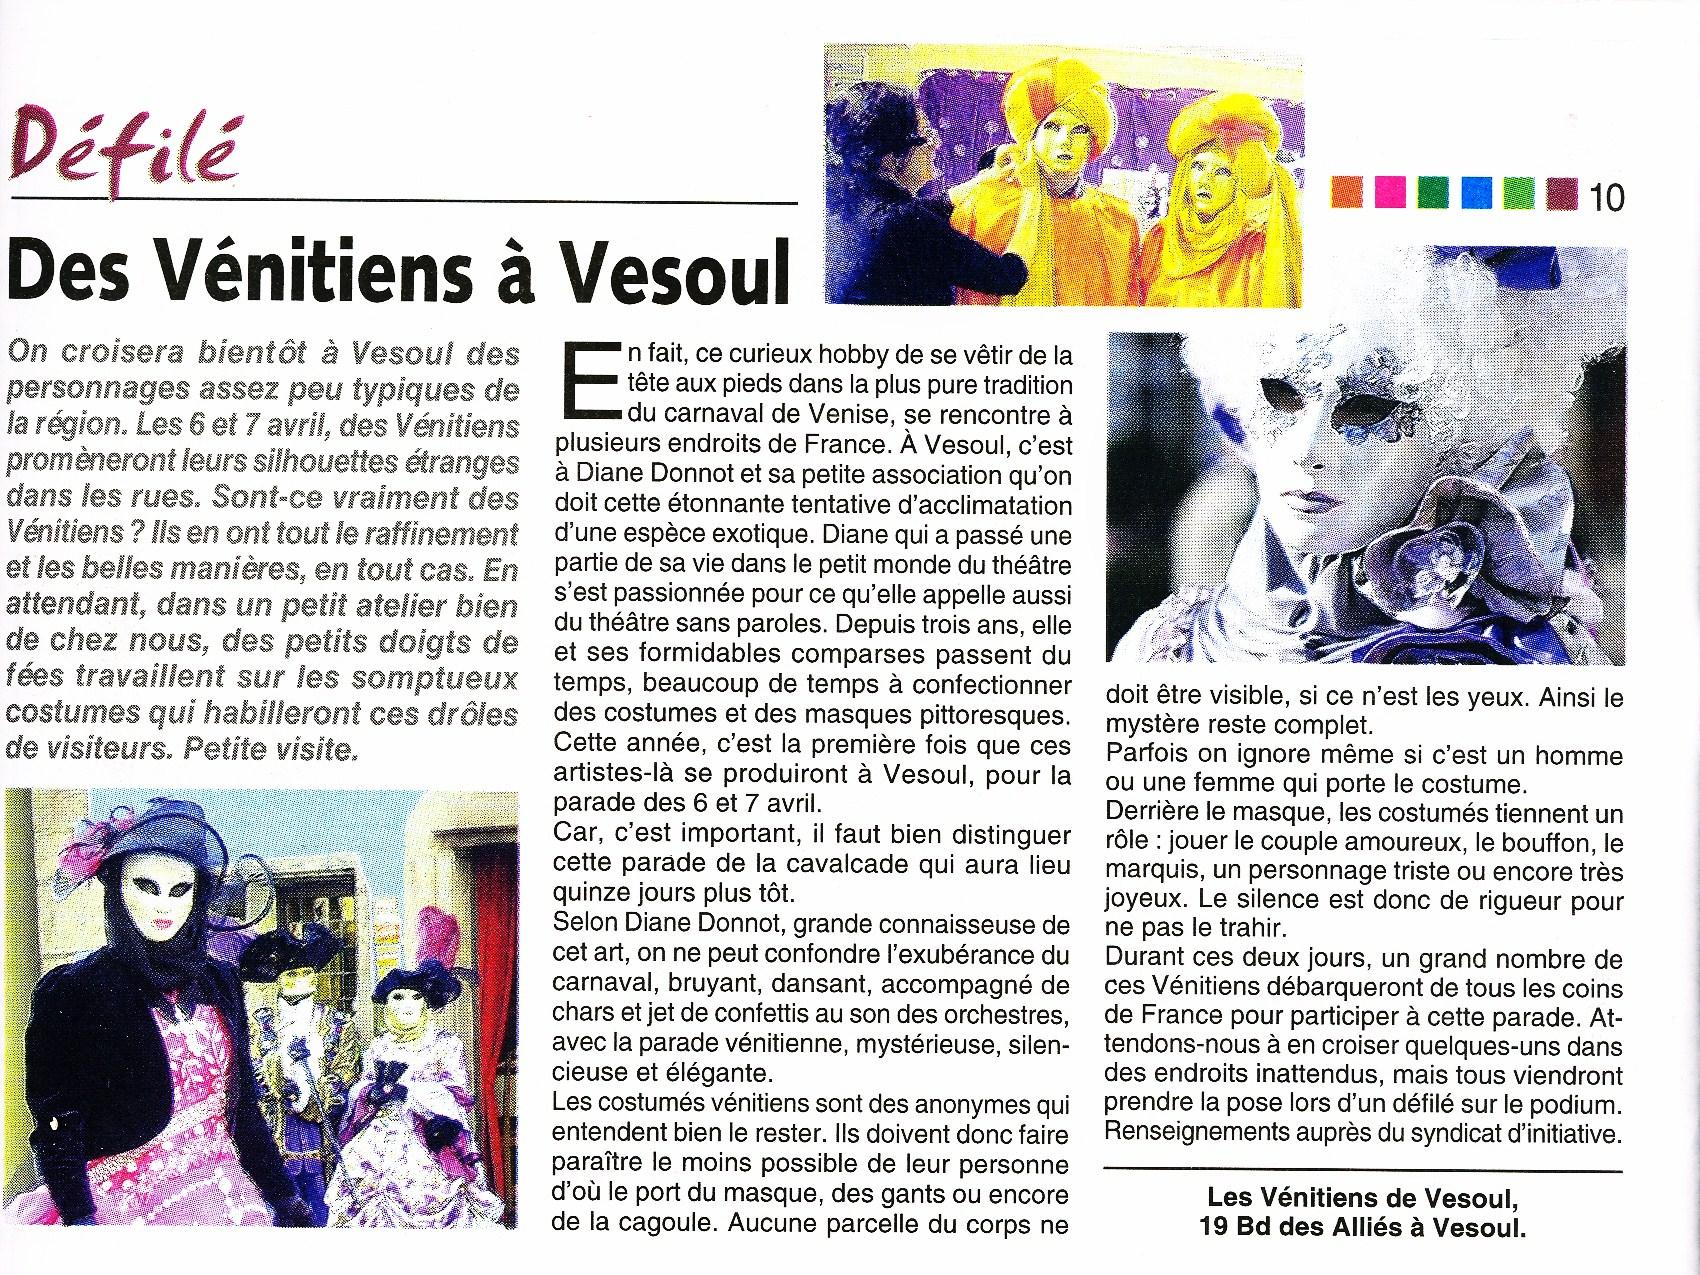 VENISE 70 MAG Carnaval Vénitien de Vesoul 2013_Atelier la colombe